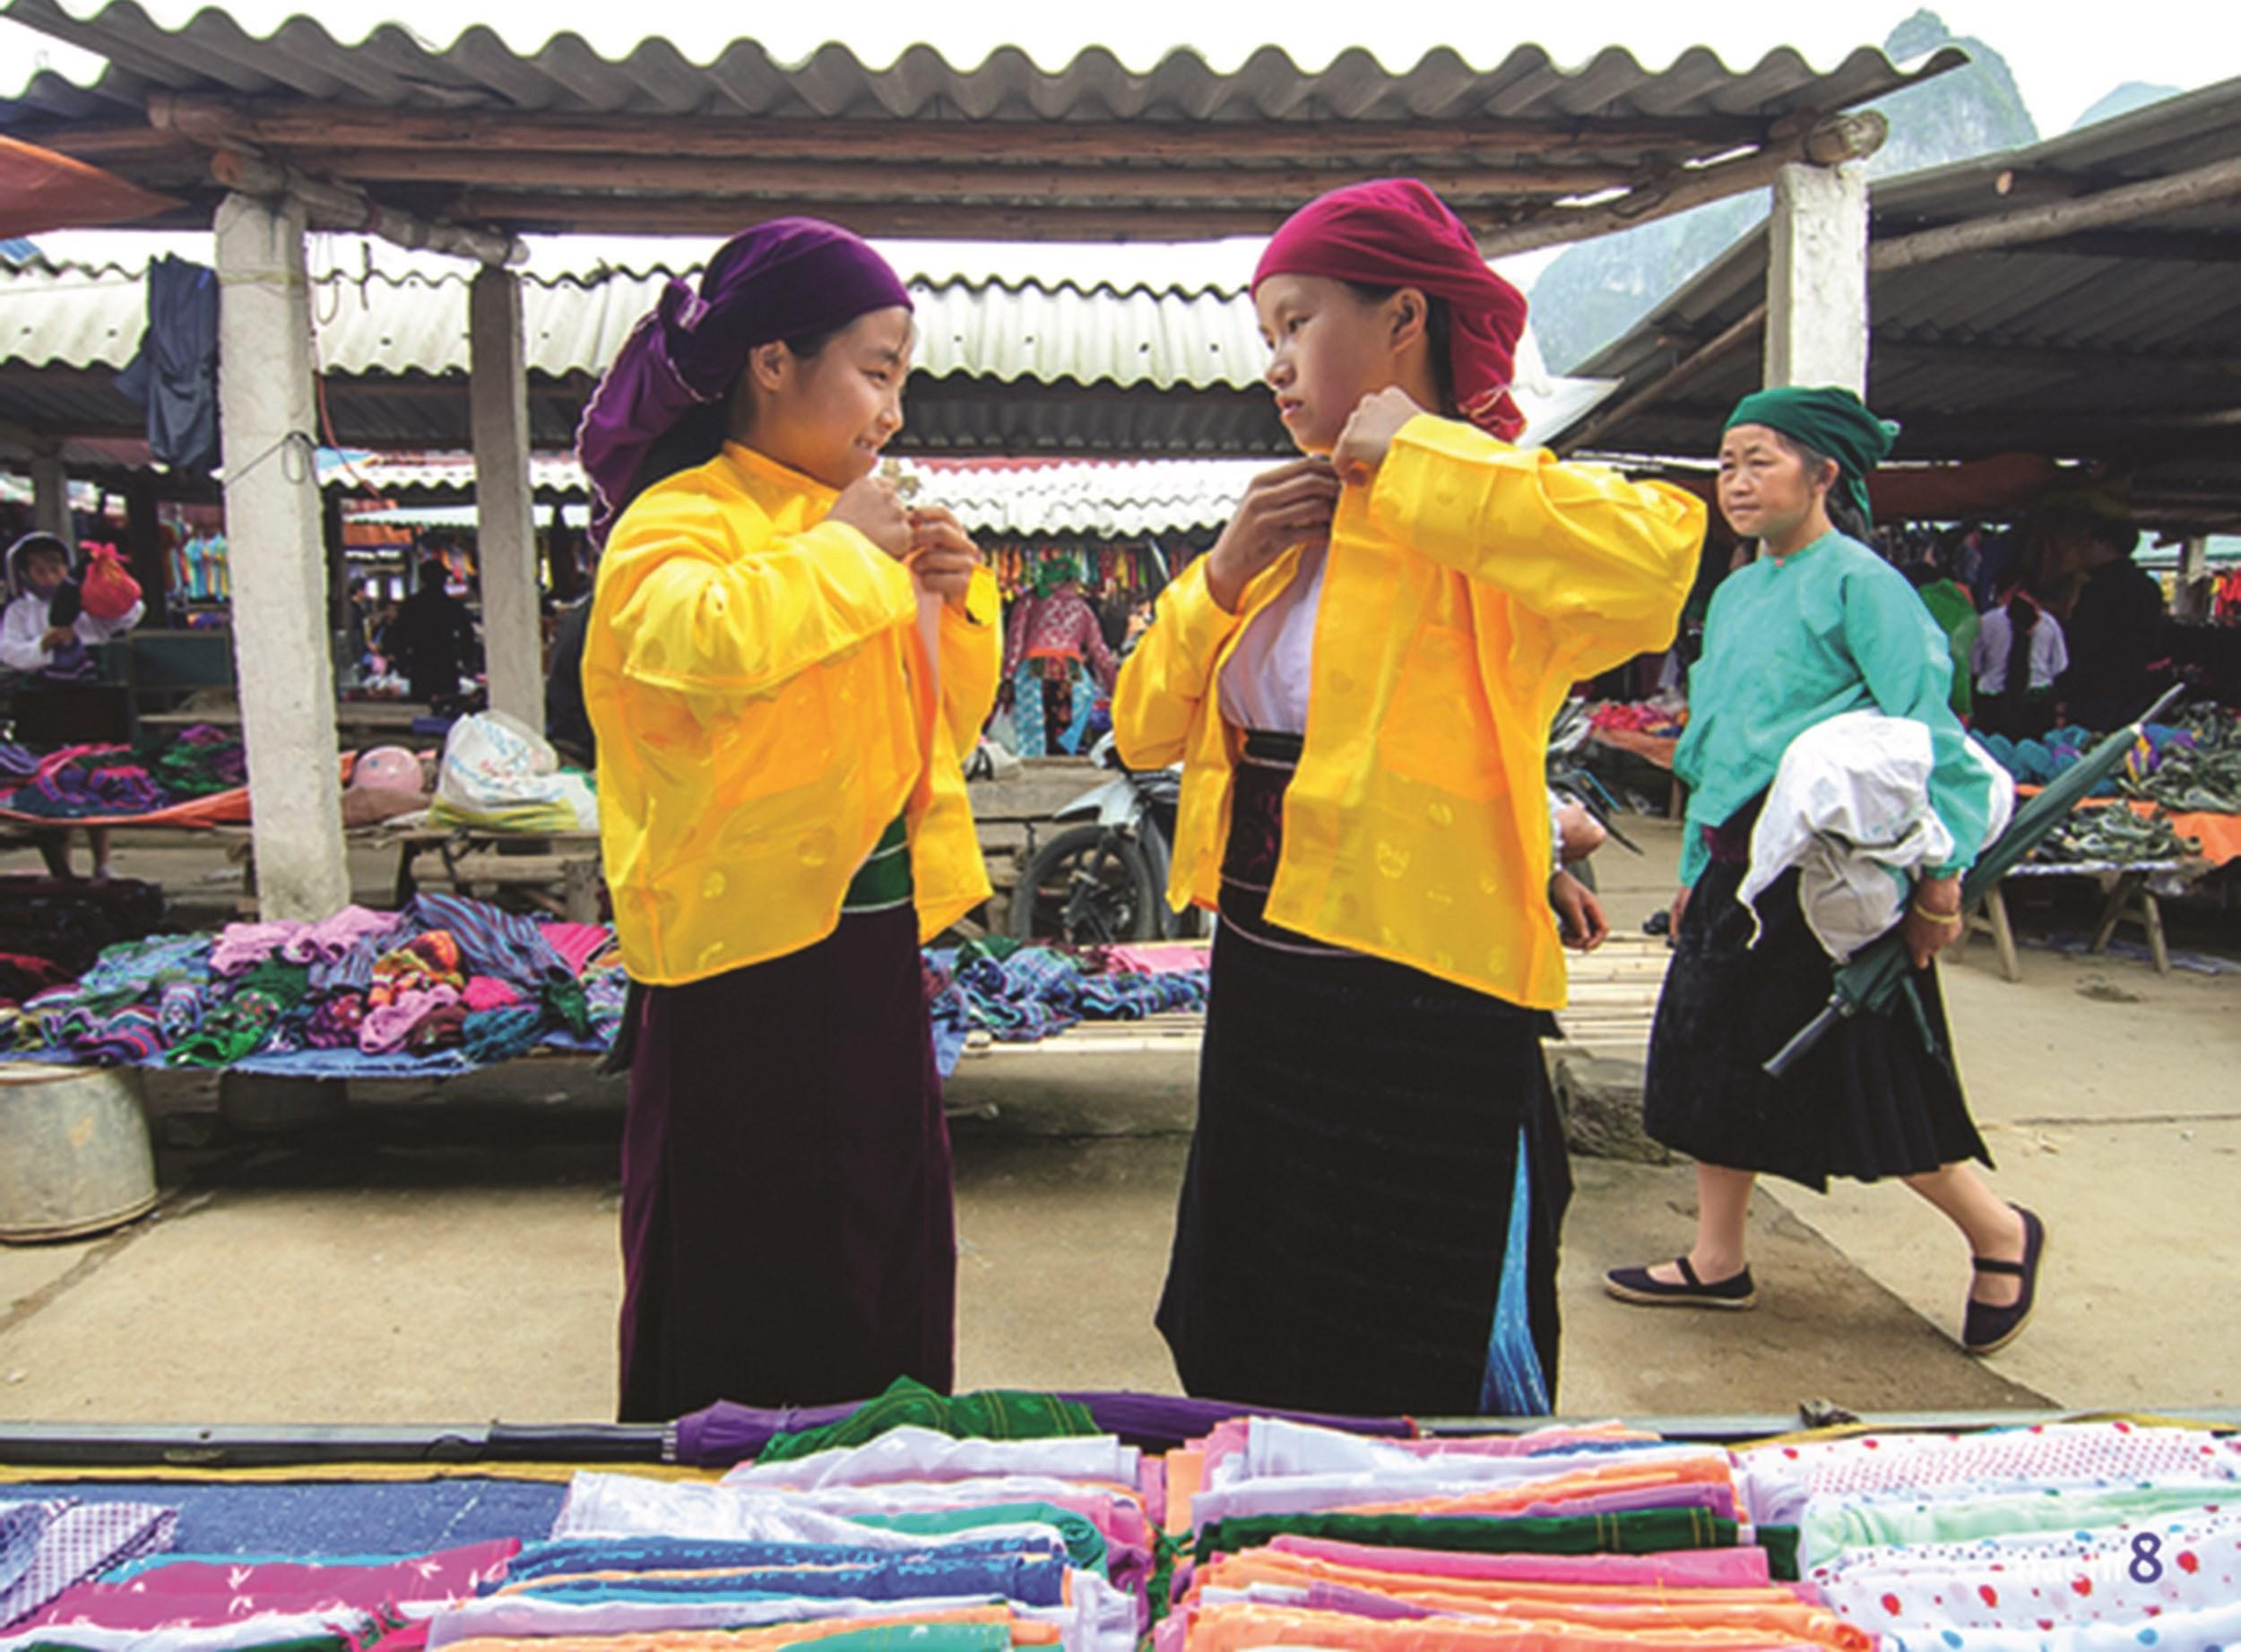 Du khách đến chợ dễ dàng bắt gặp các cô gái dân tộc Nùng, Dao, Mông, Lô Lô, La Chí… đang tất bật lựa đồ